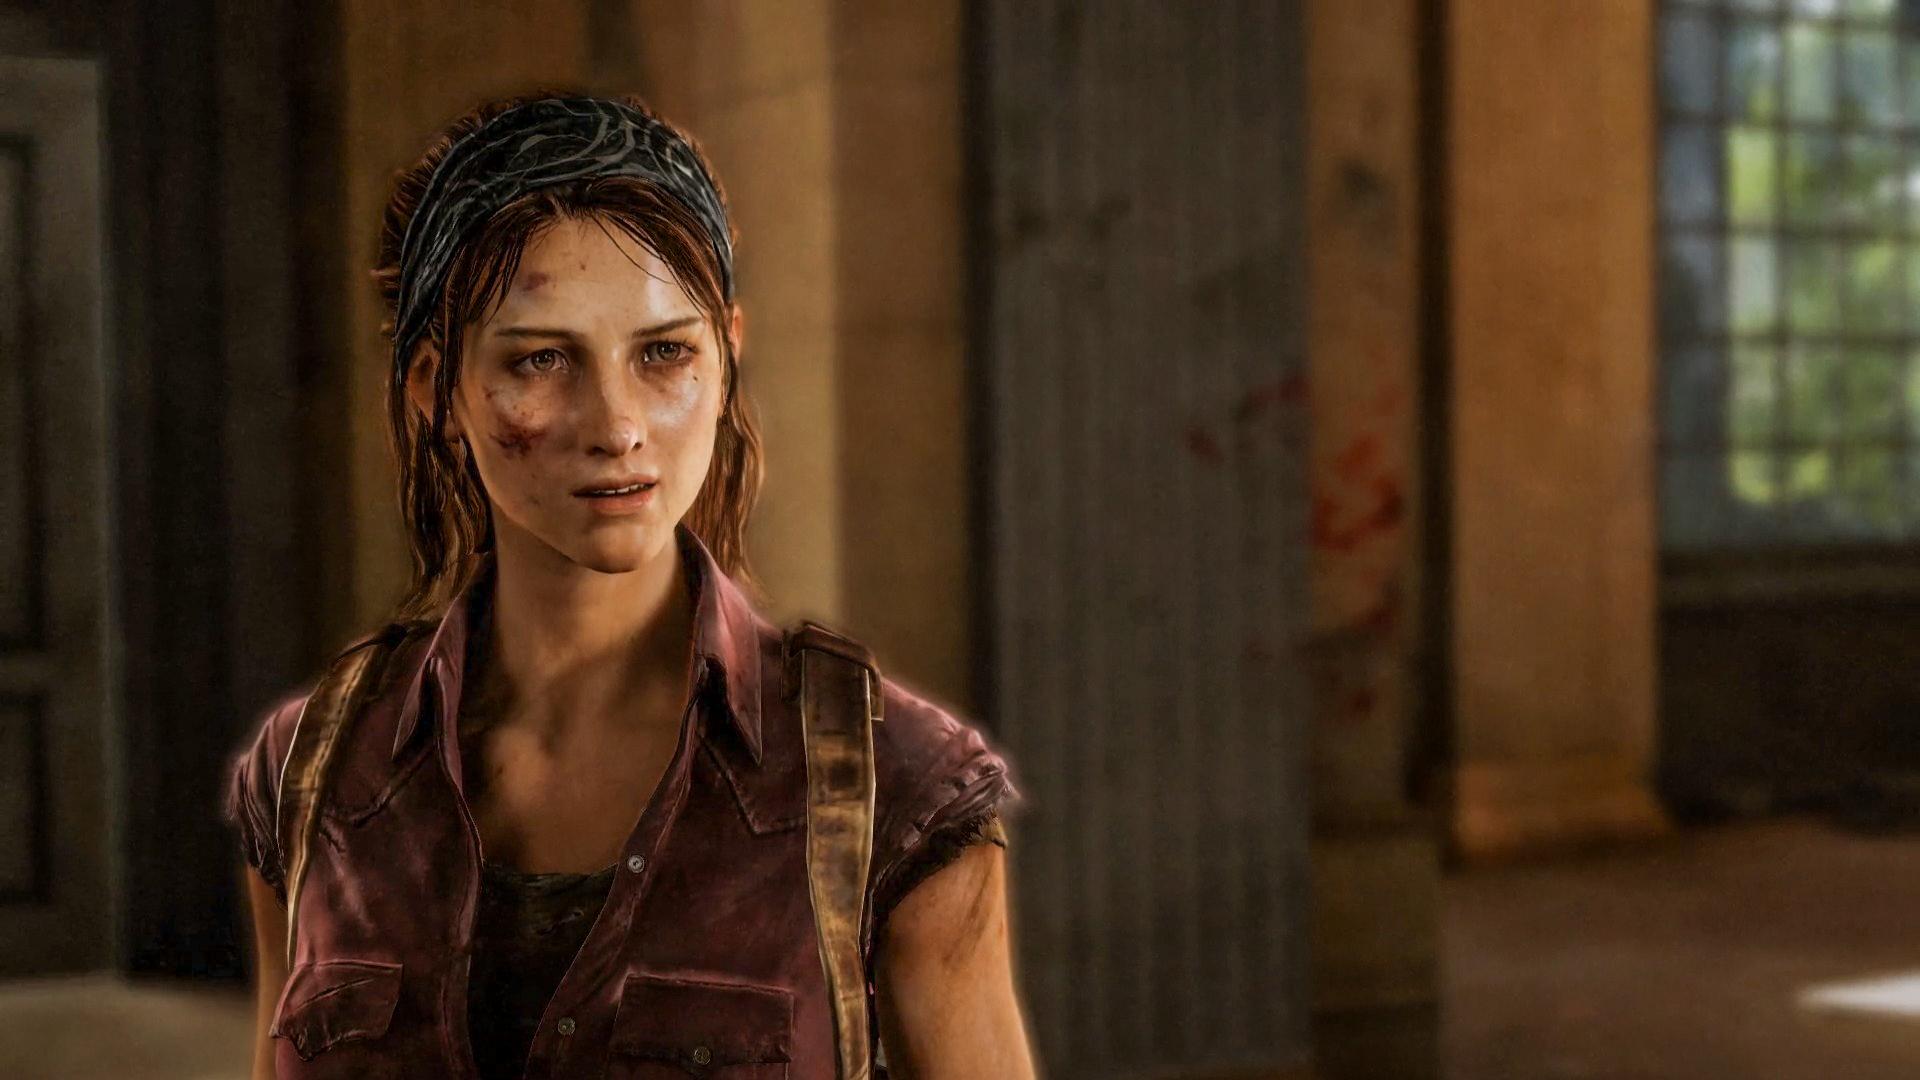 210 The Last Of Us Papéis De Parede Hd: The Last Of Us Papel De Parede HD